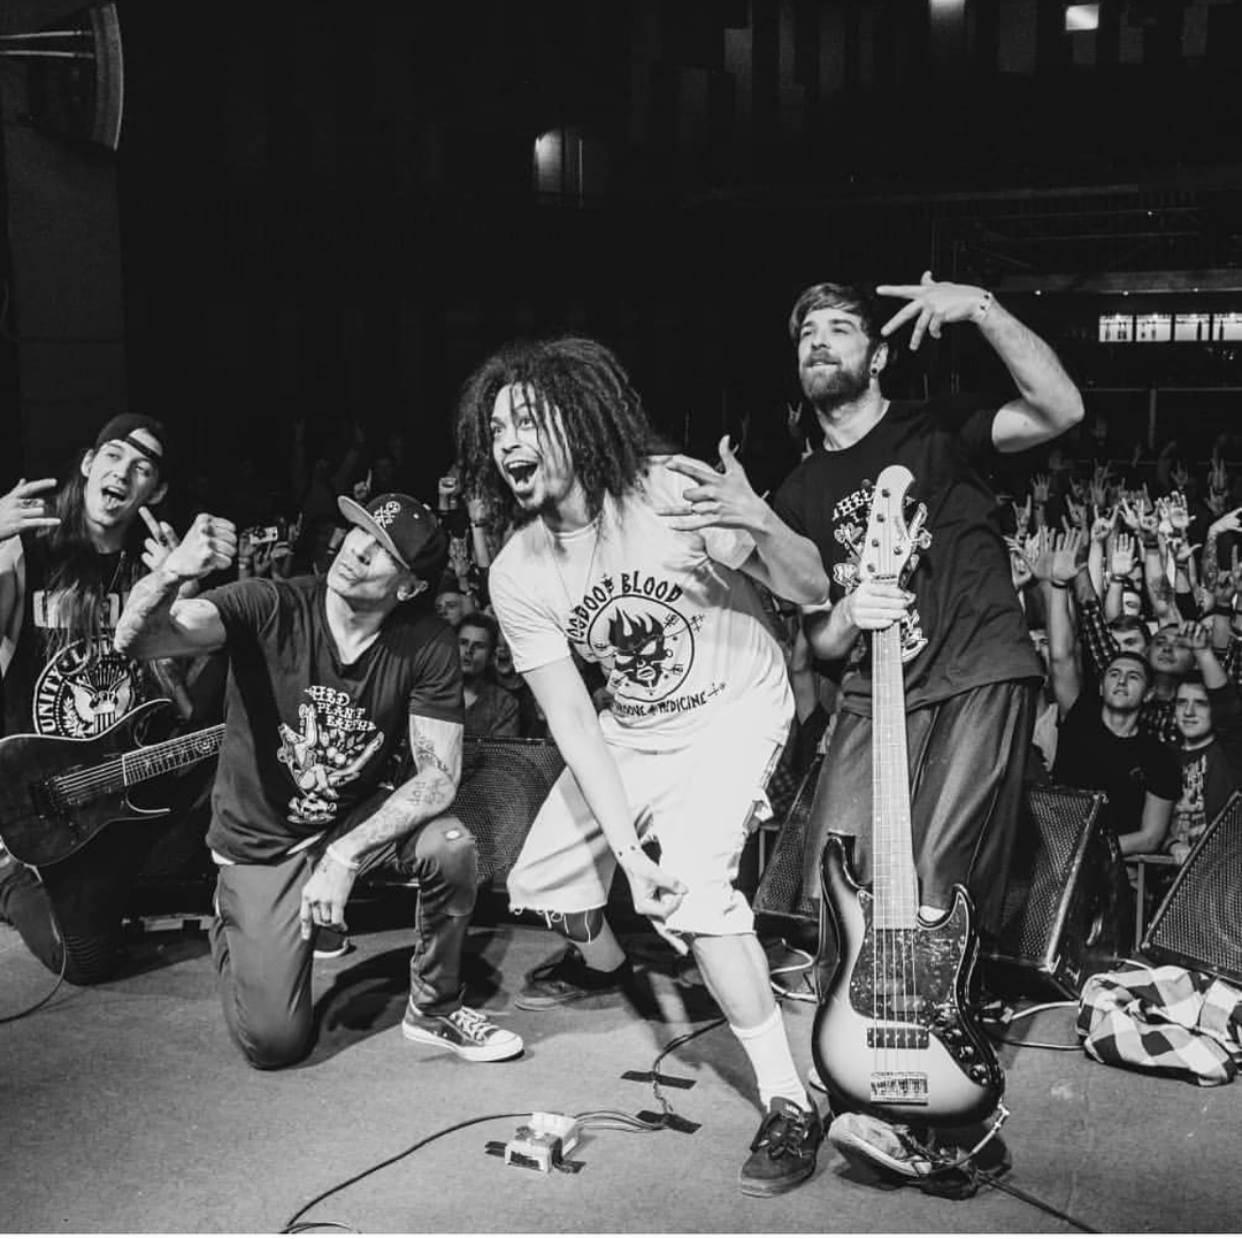 Kalifornští Hed PE se vrací do Prahy. Směsici nu-metalu, punku, rapu i rocku předvedou v Chapeau Rouge